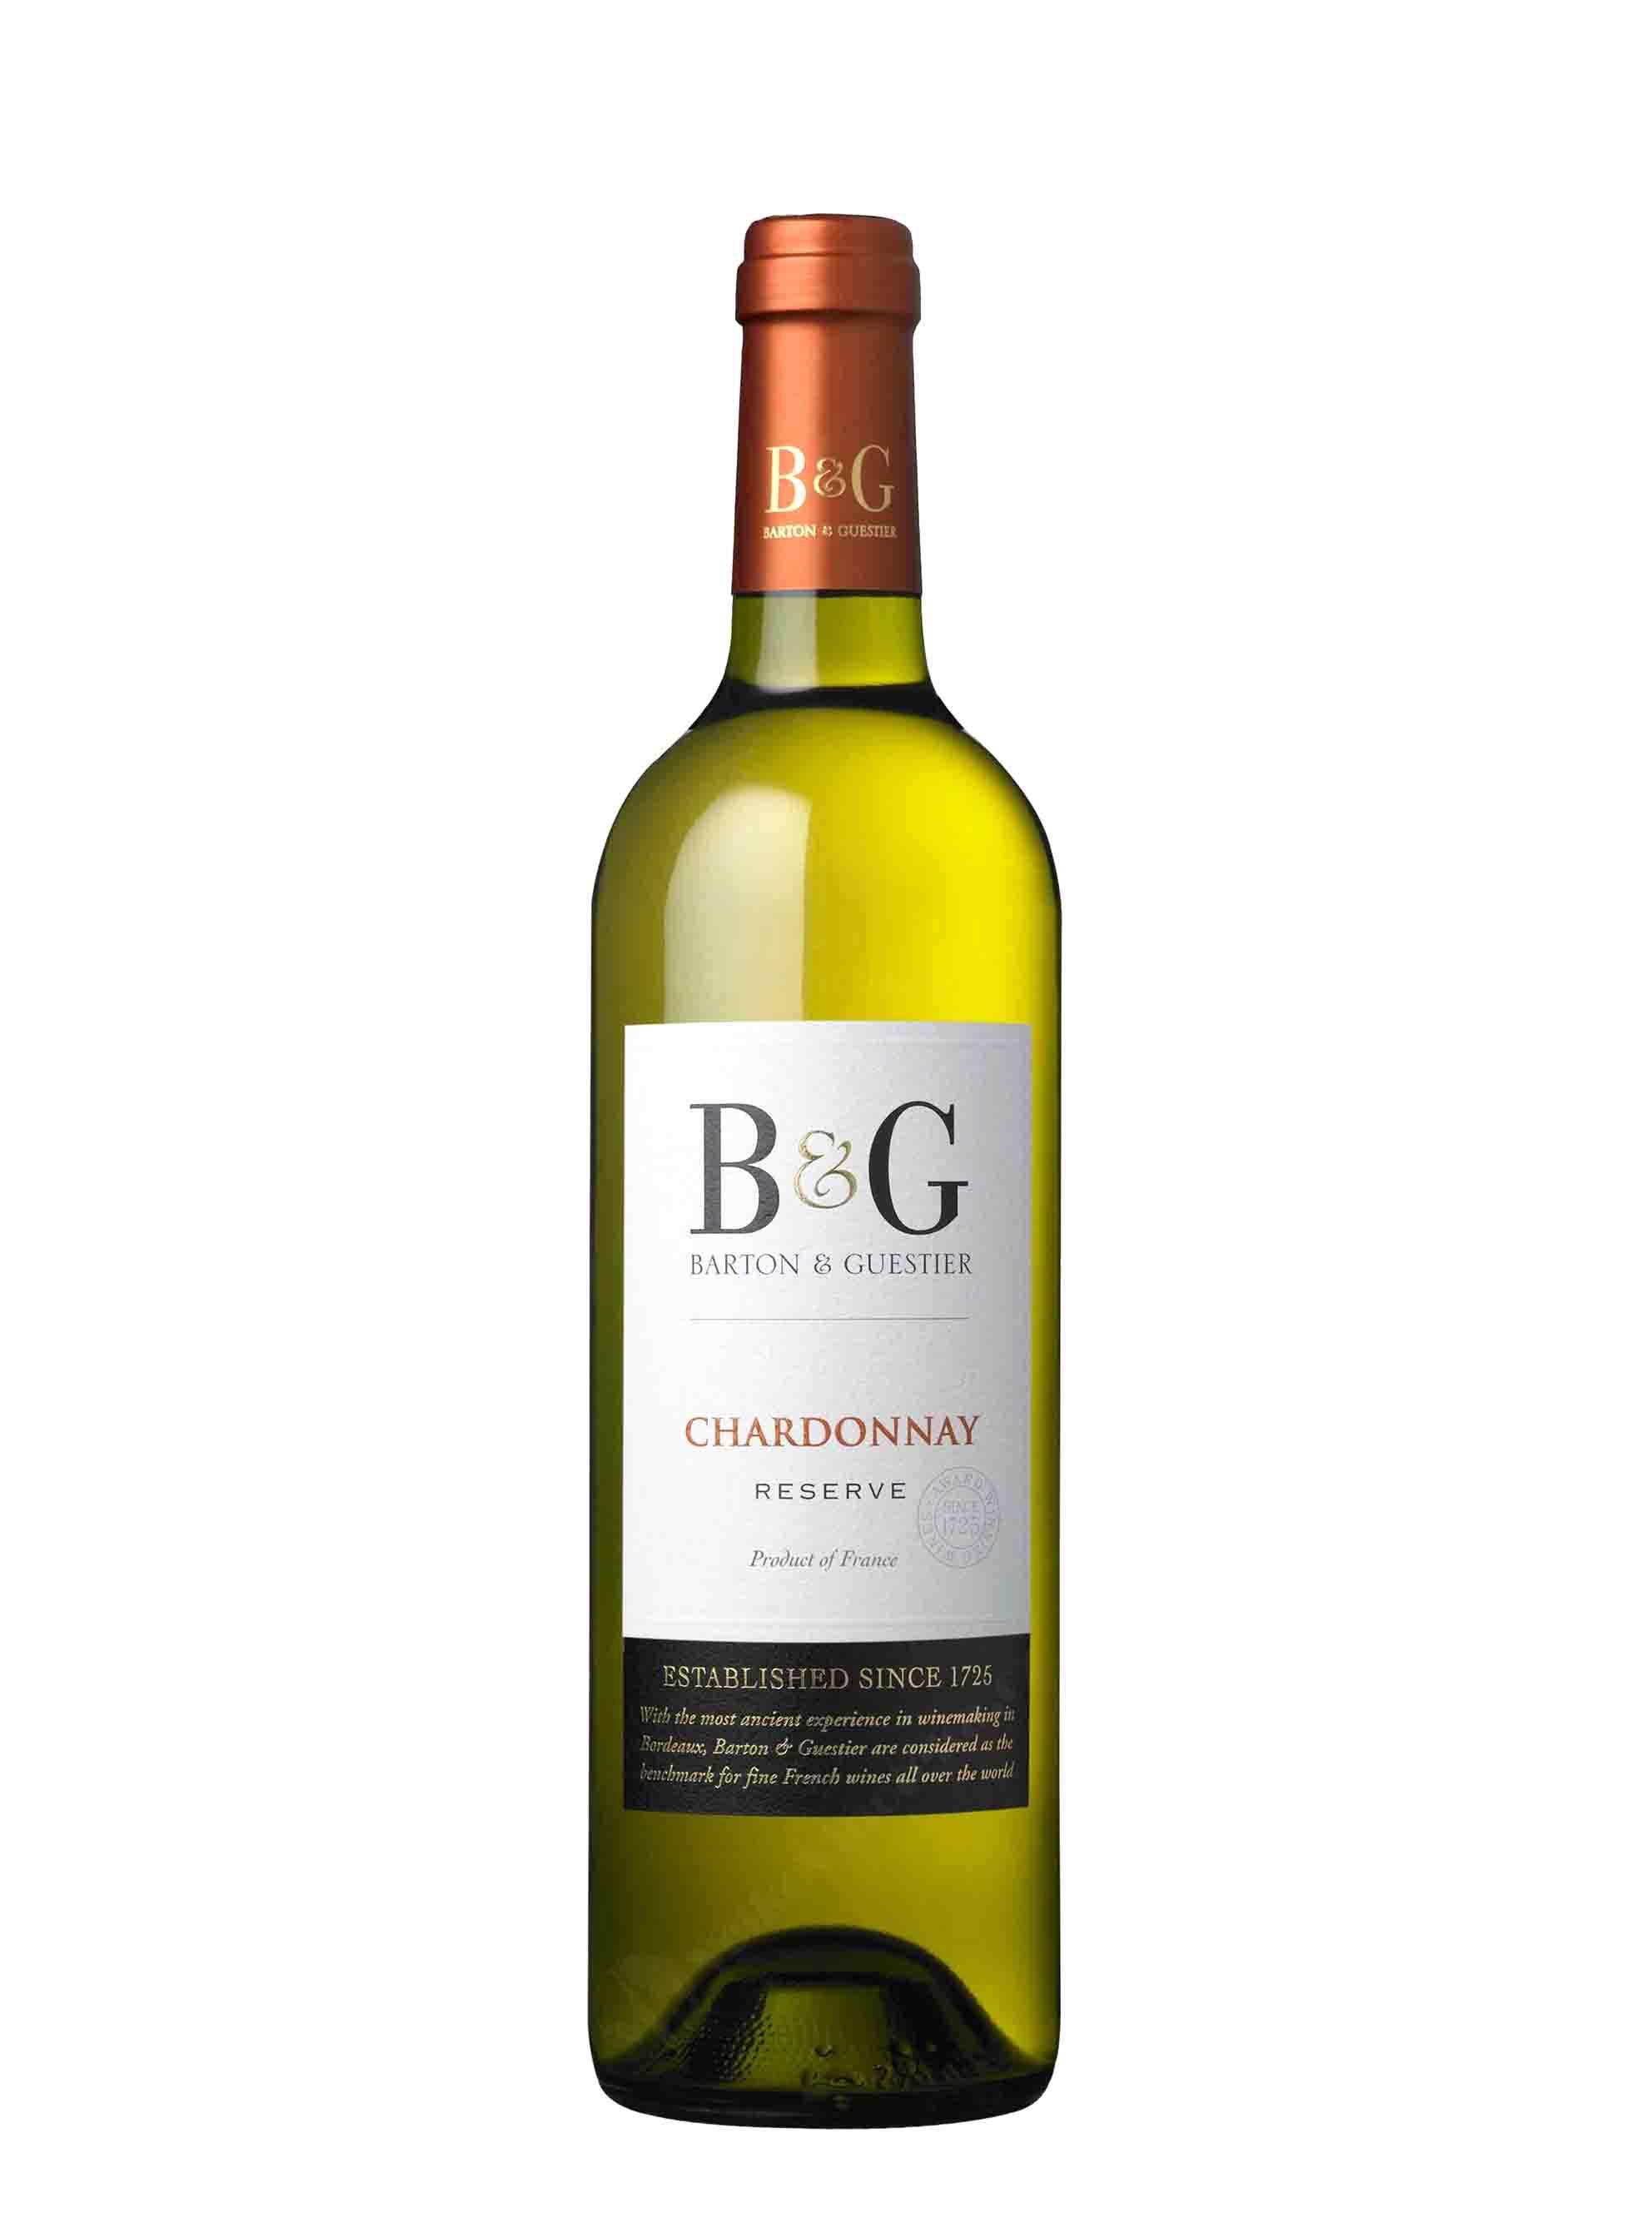 Chardonnay, IGP Réserve, 2016, Barton & Guestier, 0.75 l